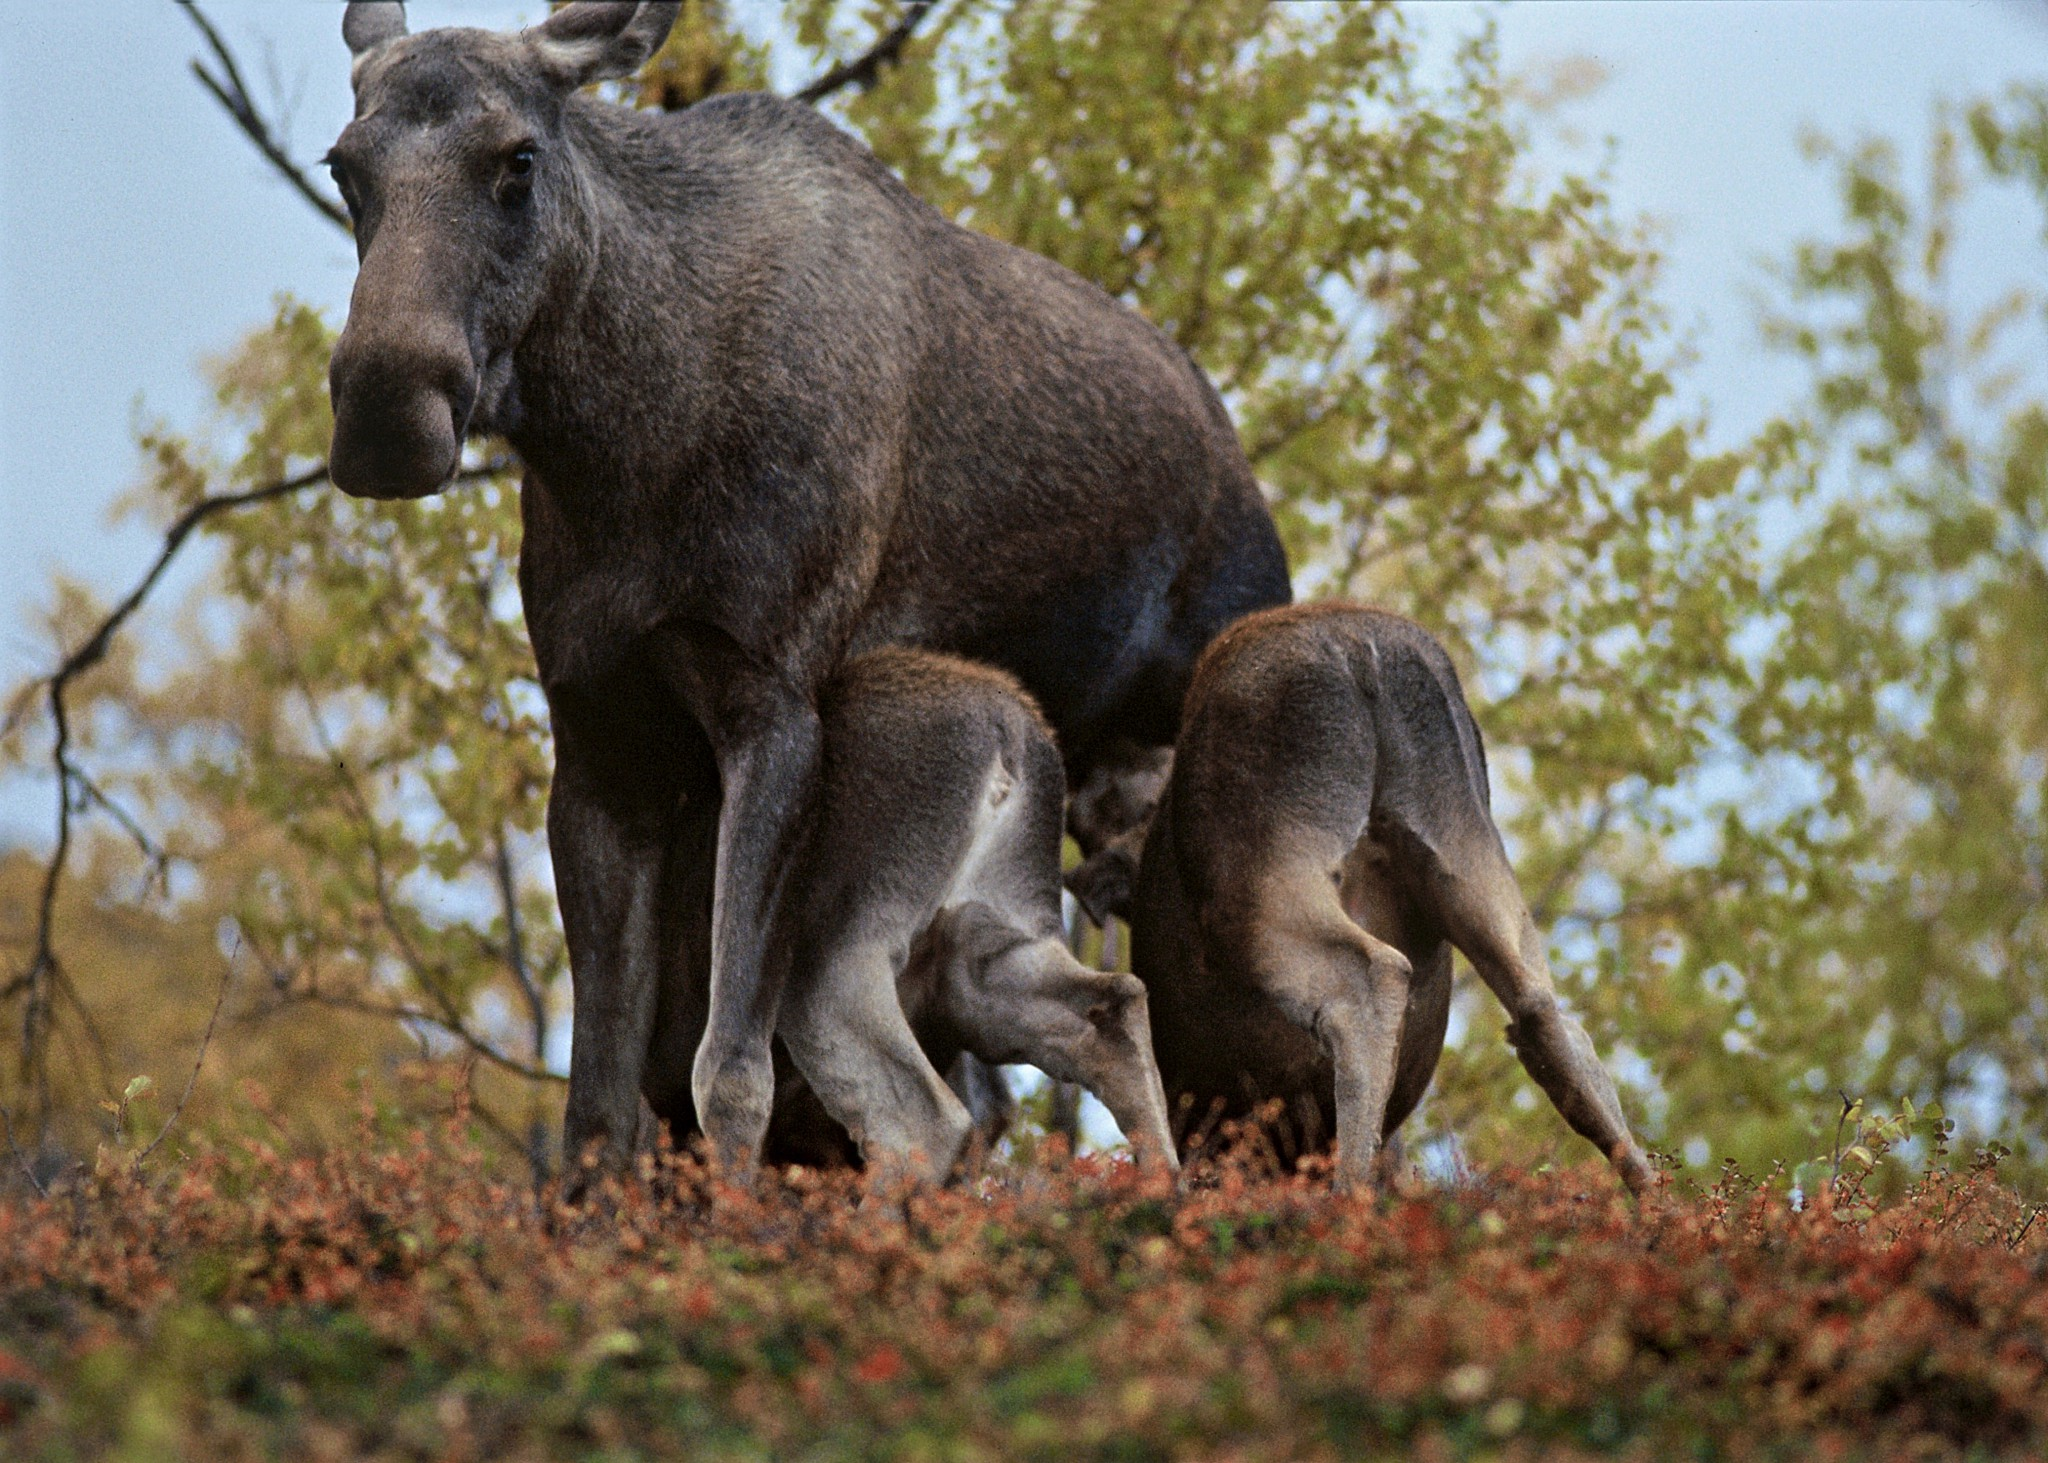 Älgstammen skulle fördubblas på tre år utan jakt. Foto: Kenneth Johansson